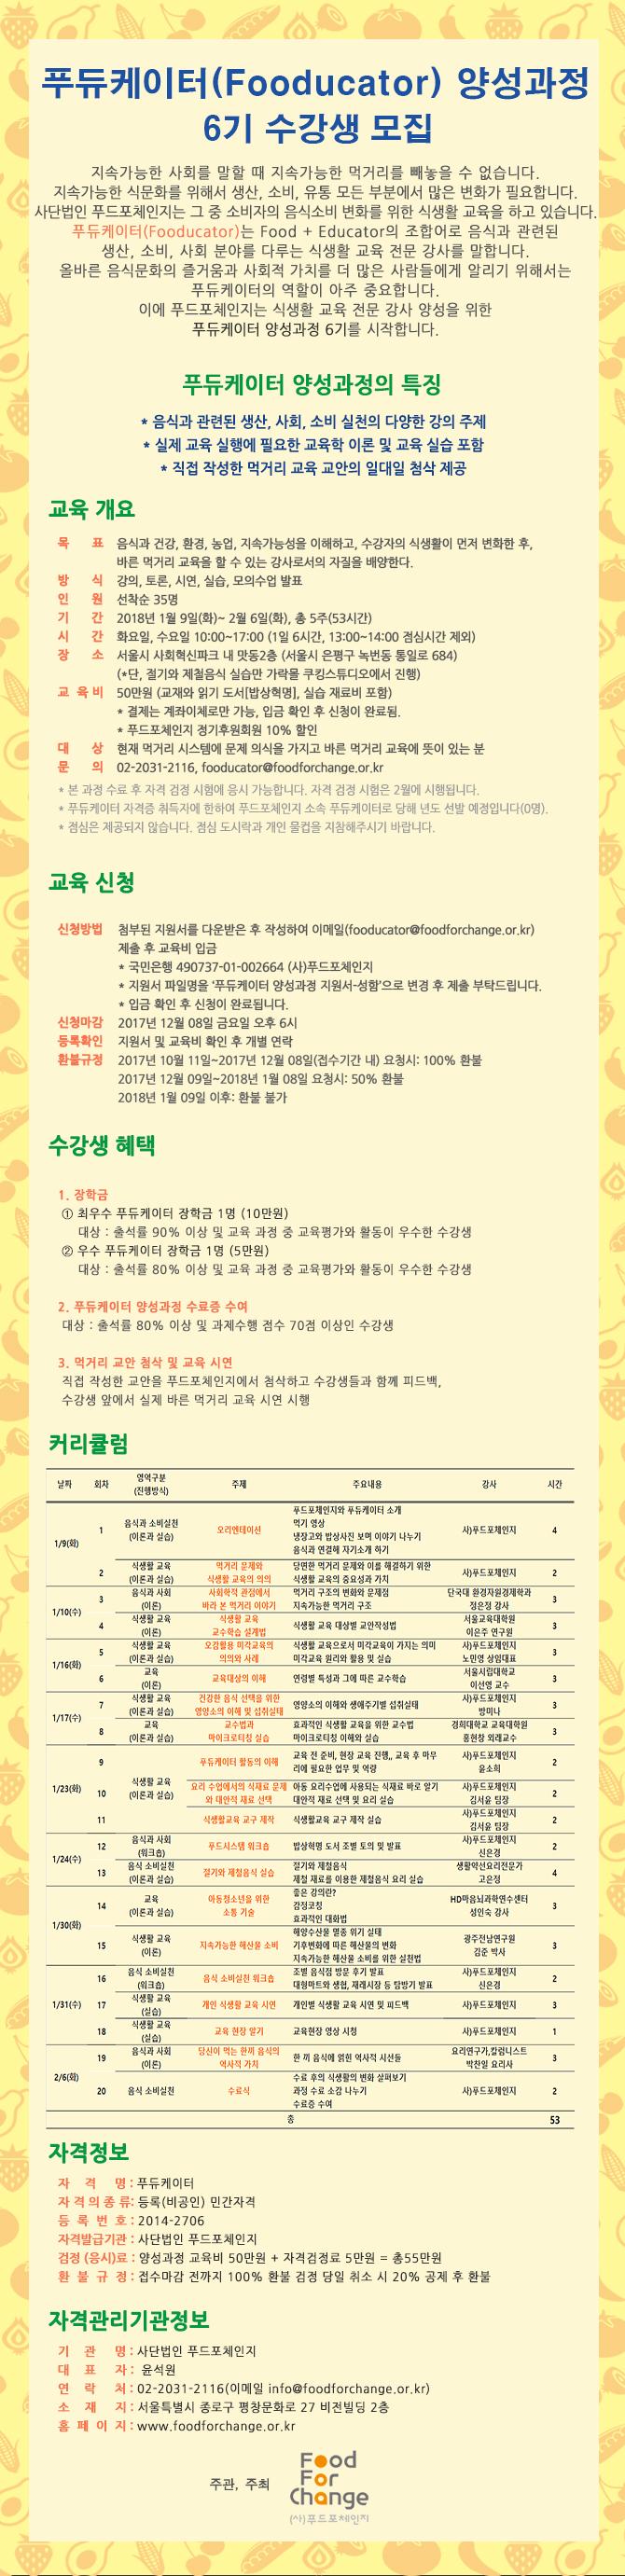 (최종)2018_푸듀케이터양성과정_20171114(2).jpg